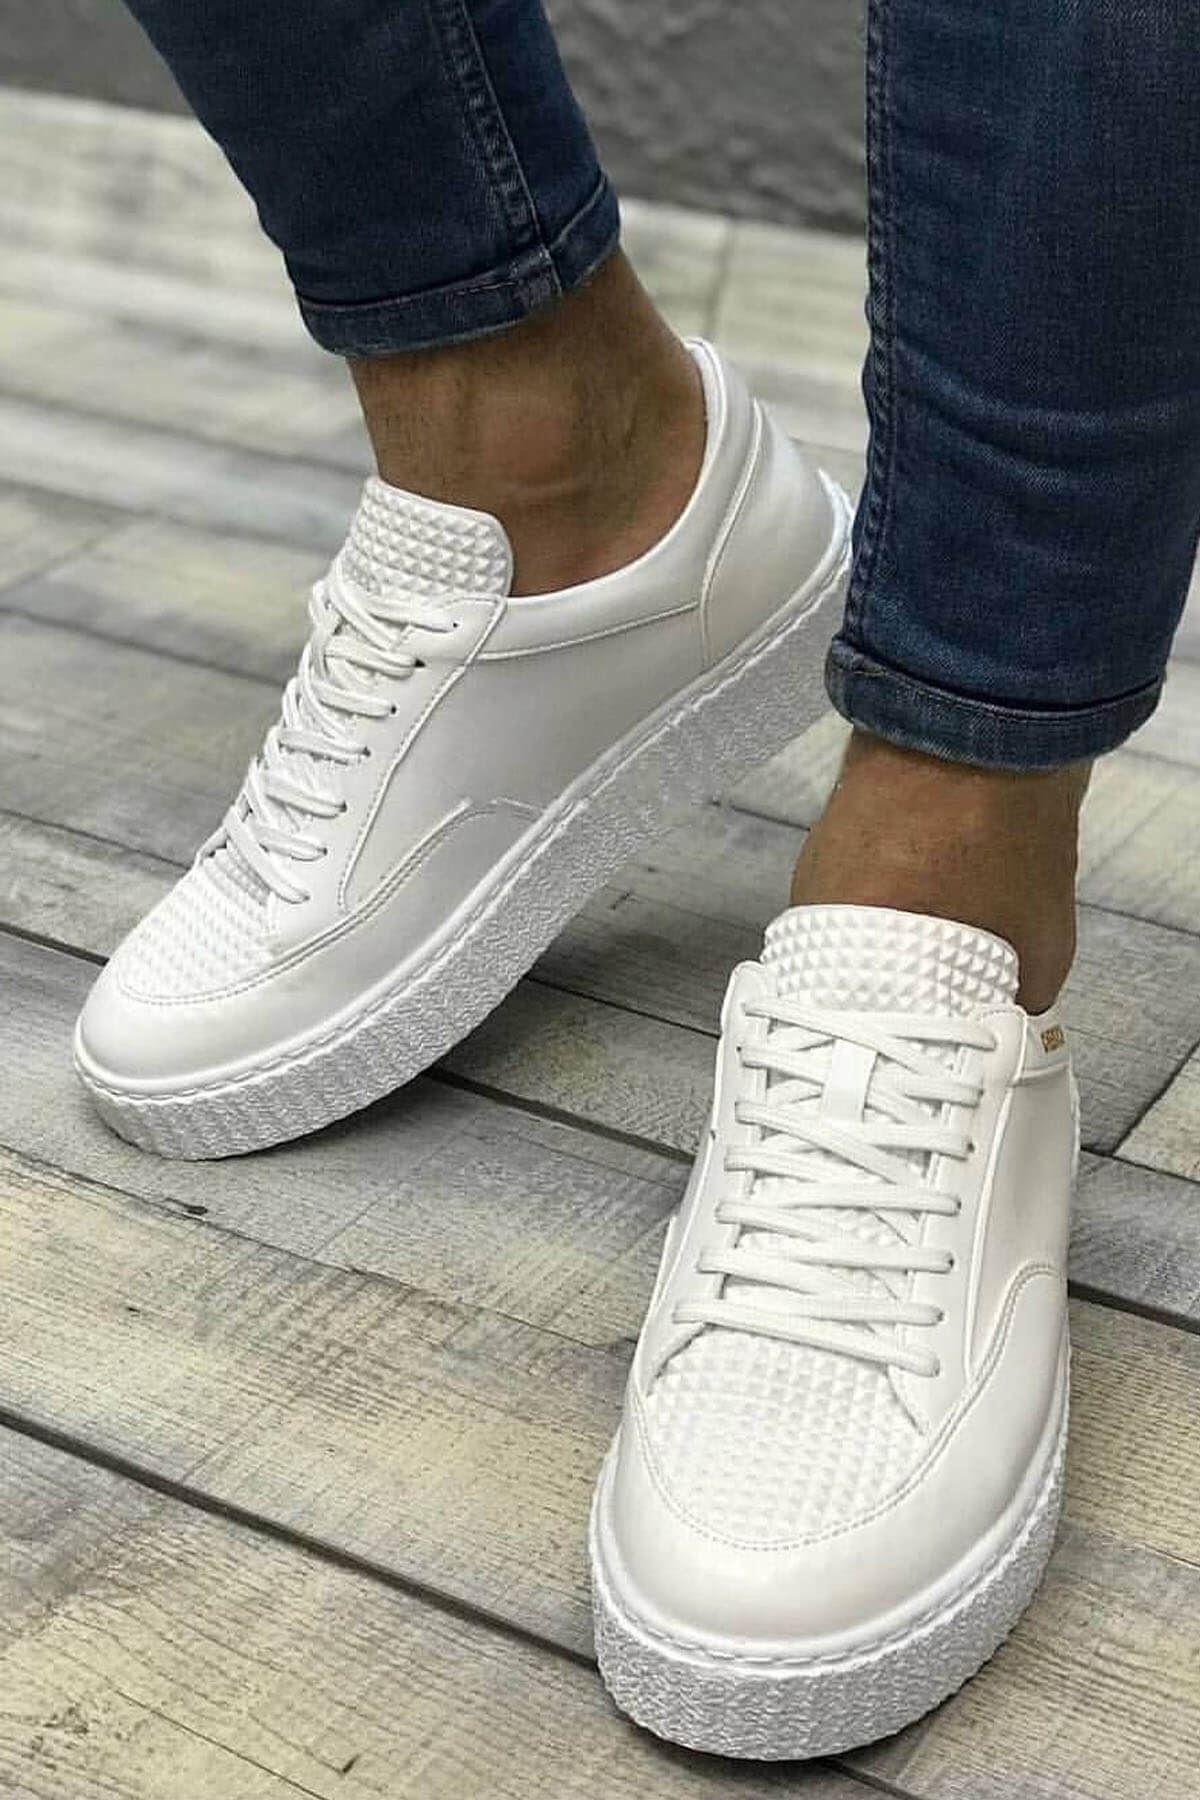 Chekich Bt Erkek Ayakkabı Beyaz Ch017 1